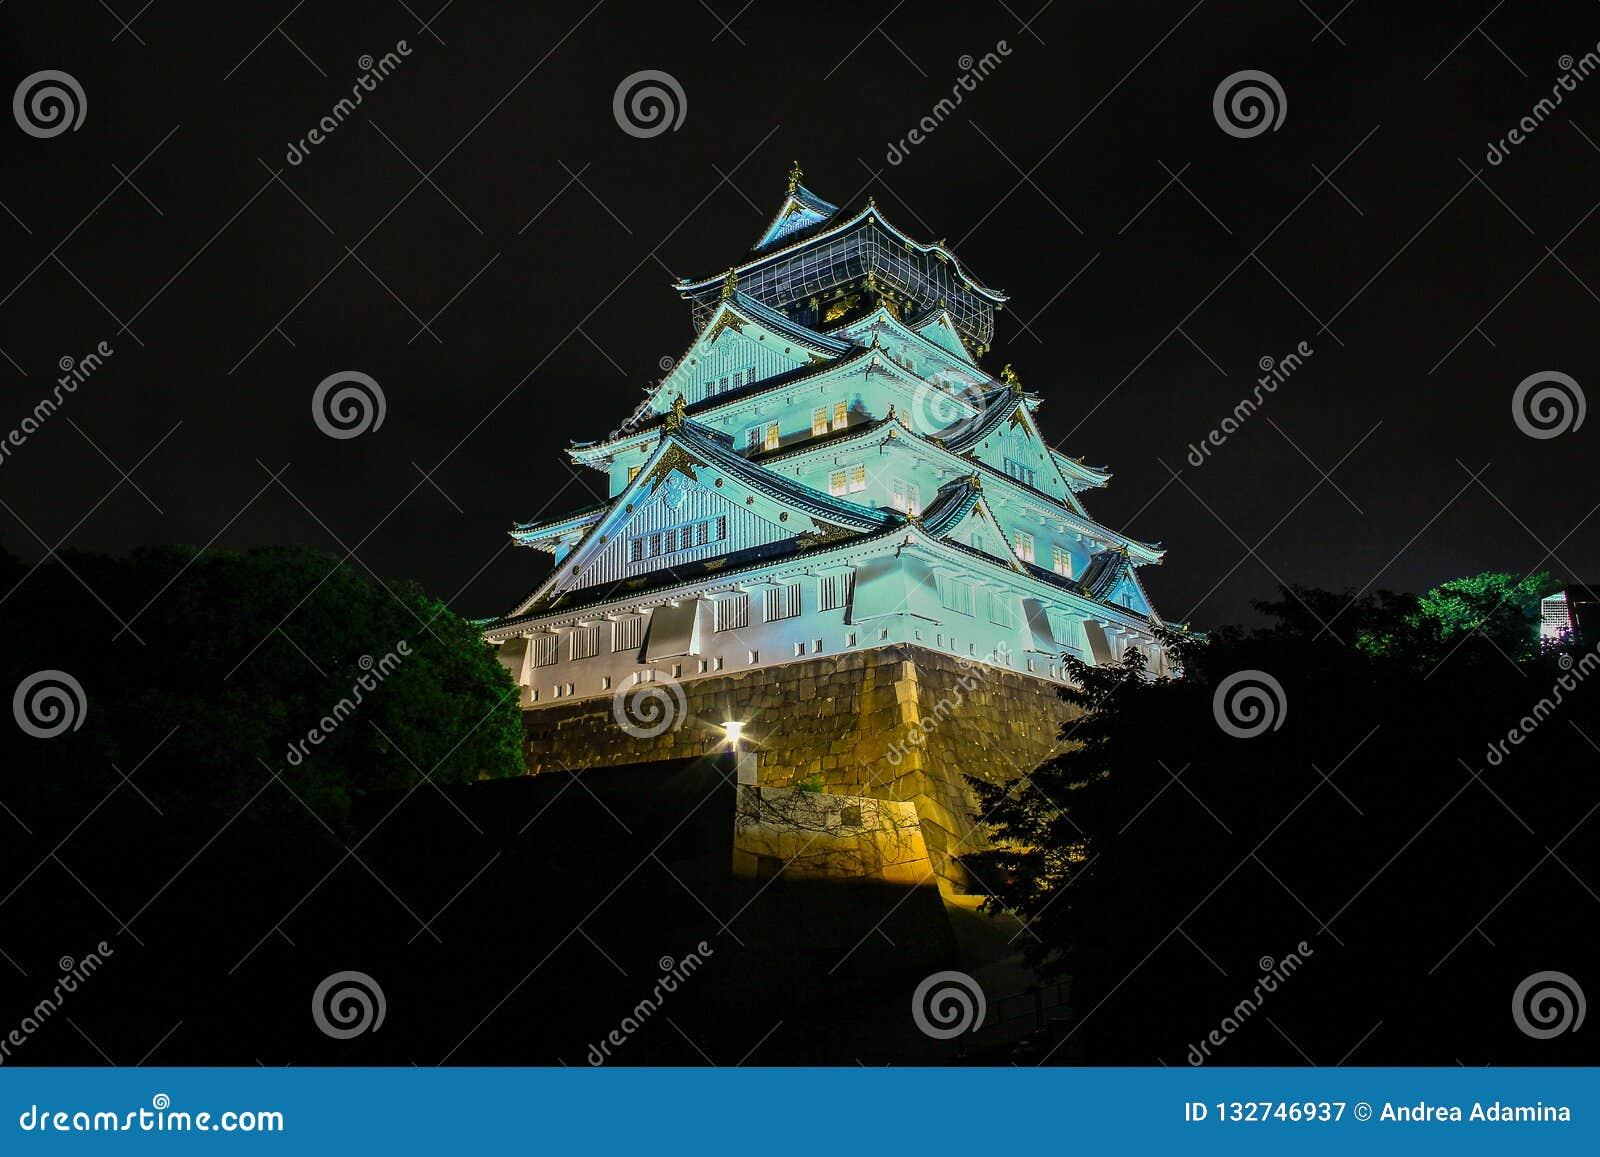 Osaka Castle at night, Osaka, Japan.